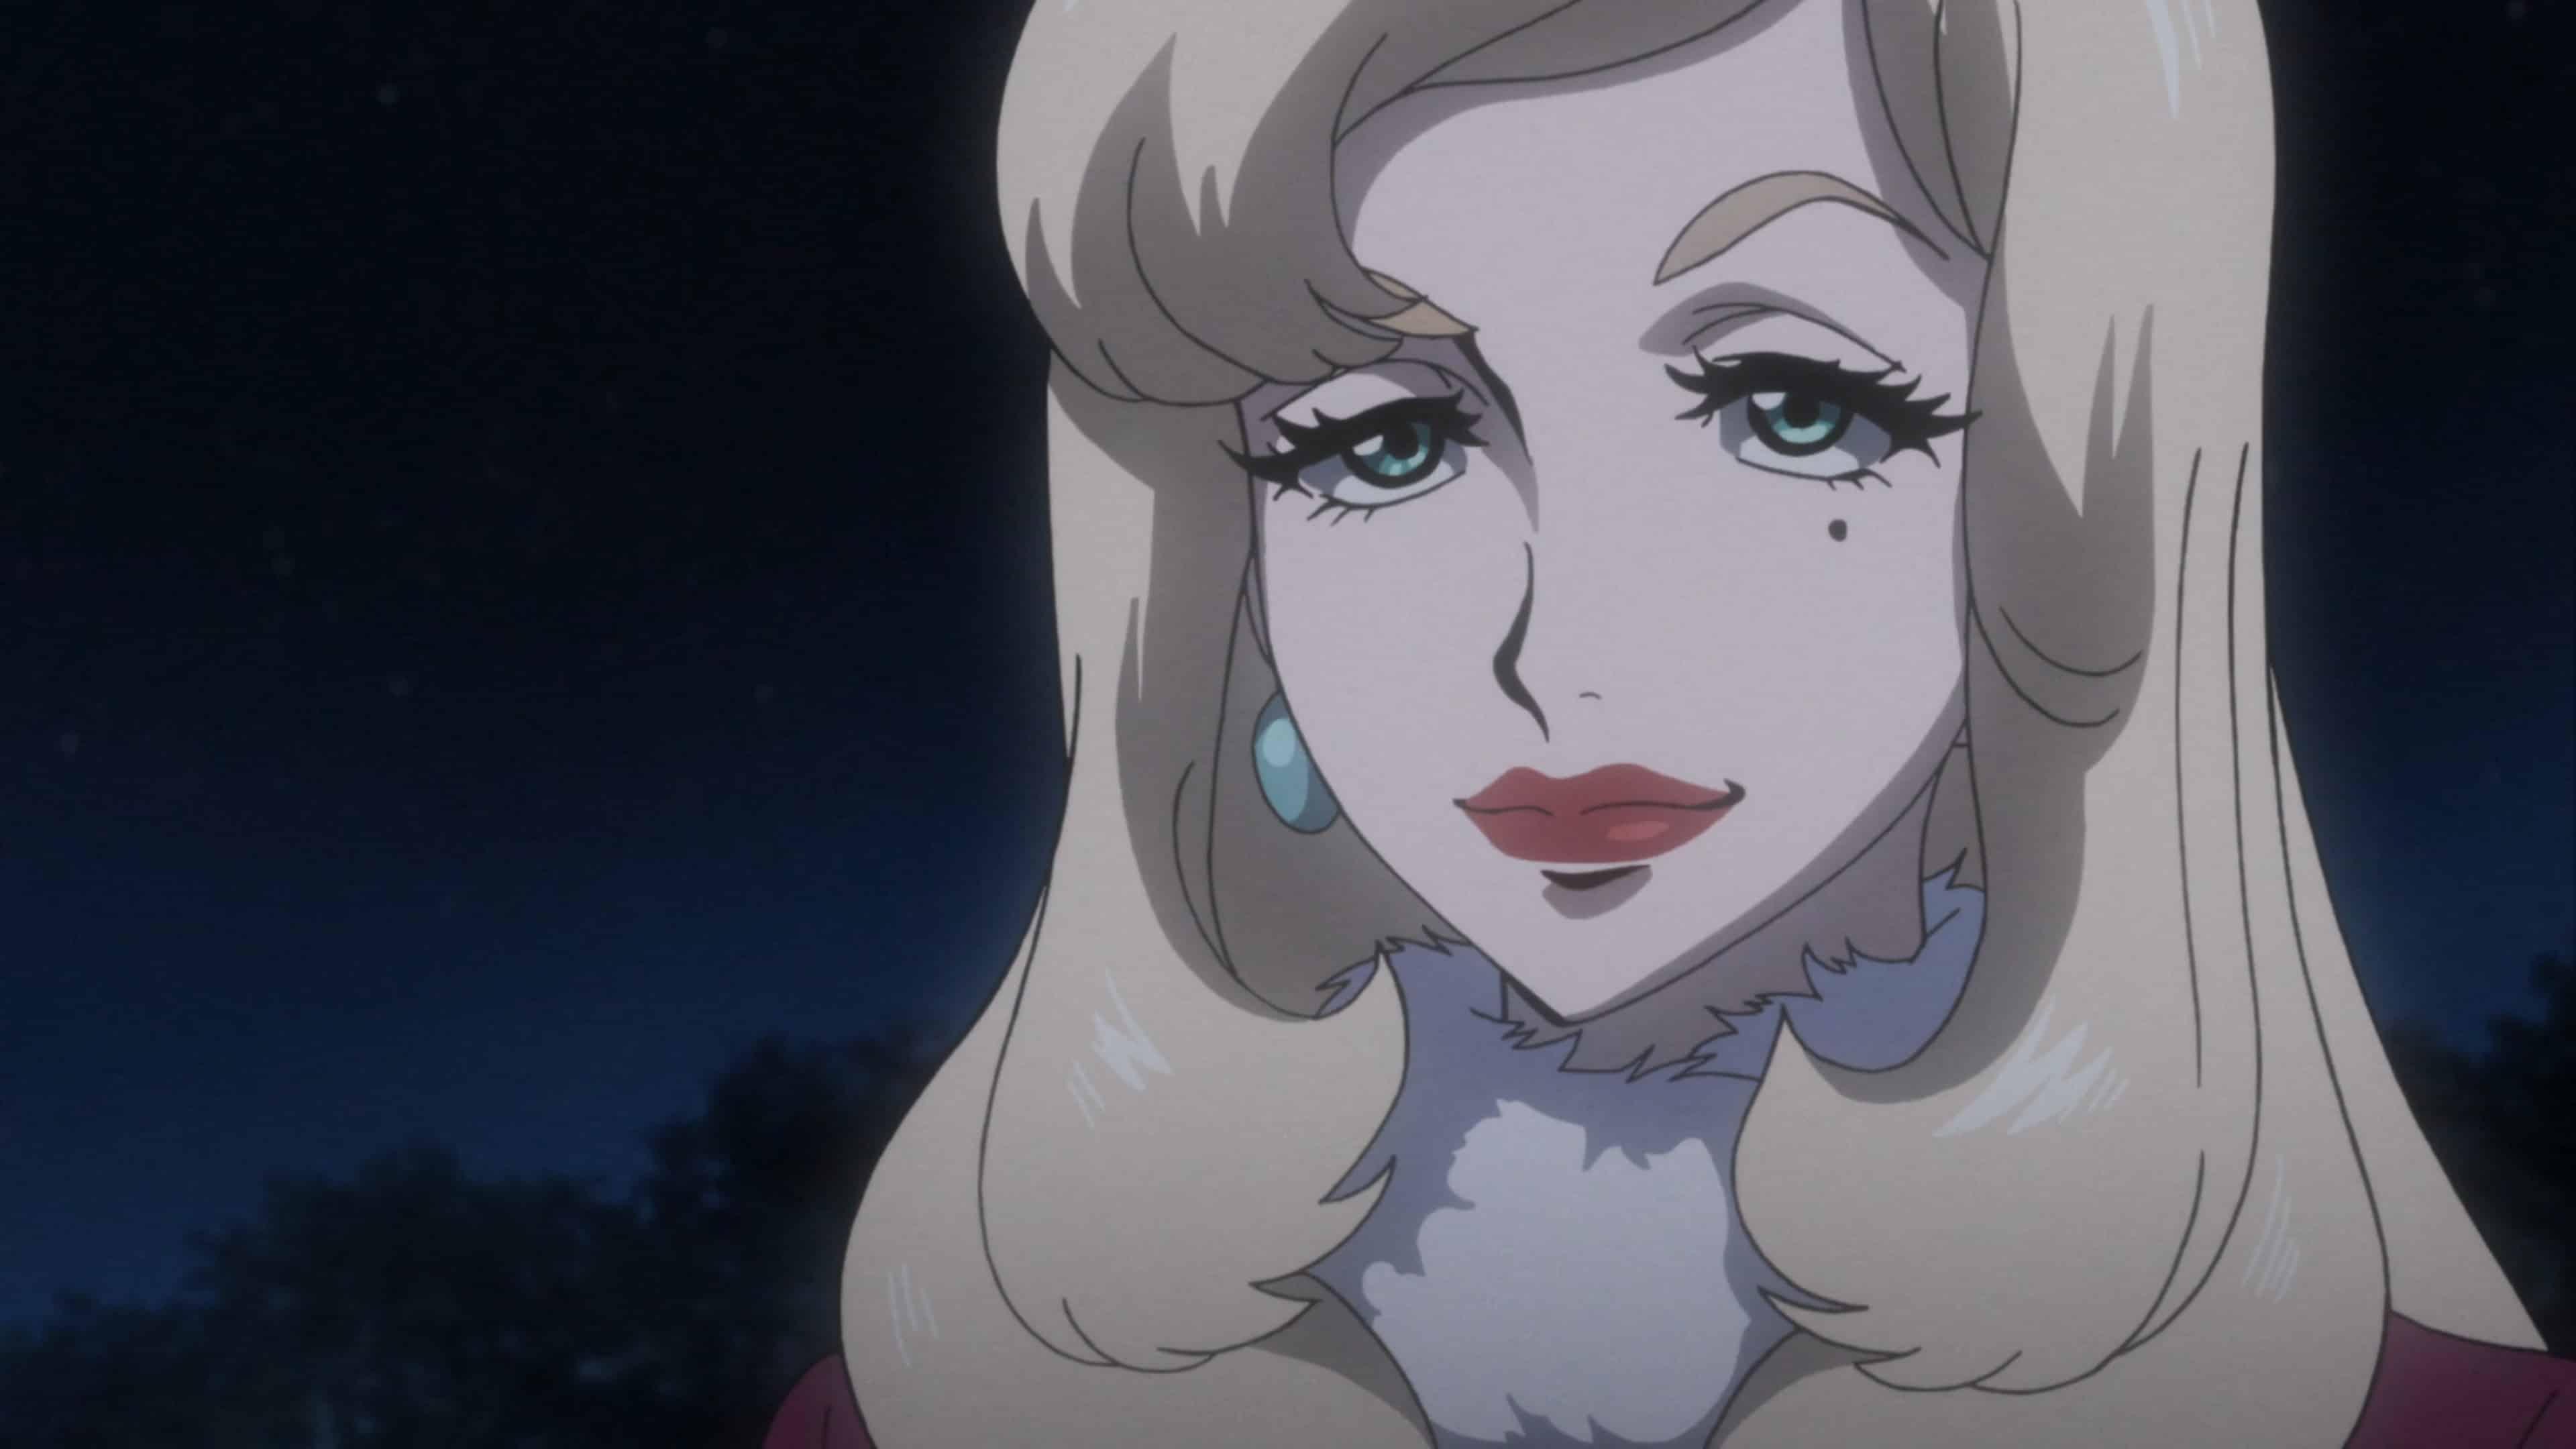 Hana smirking at Yuki